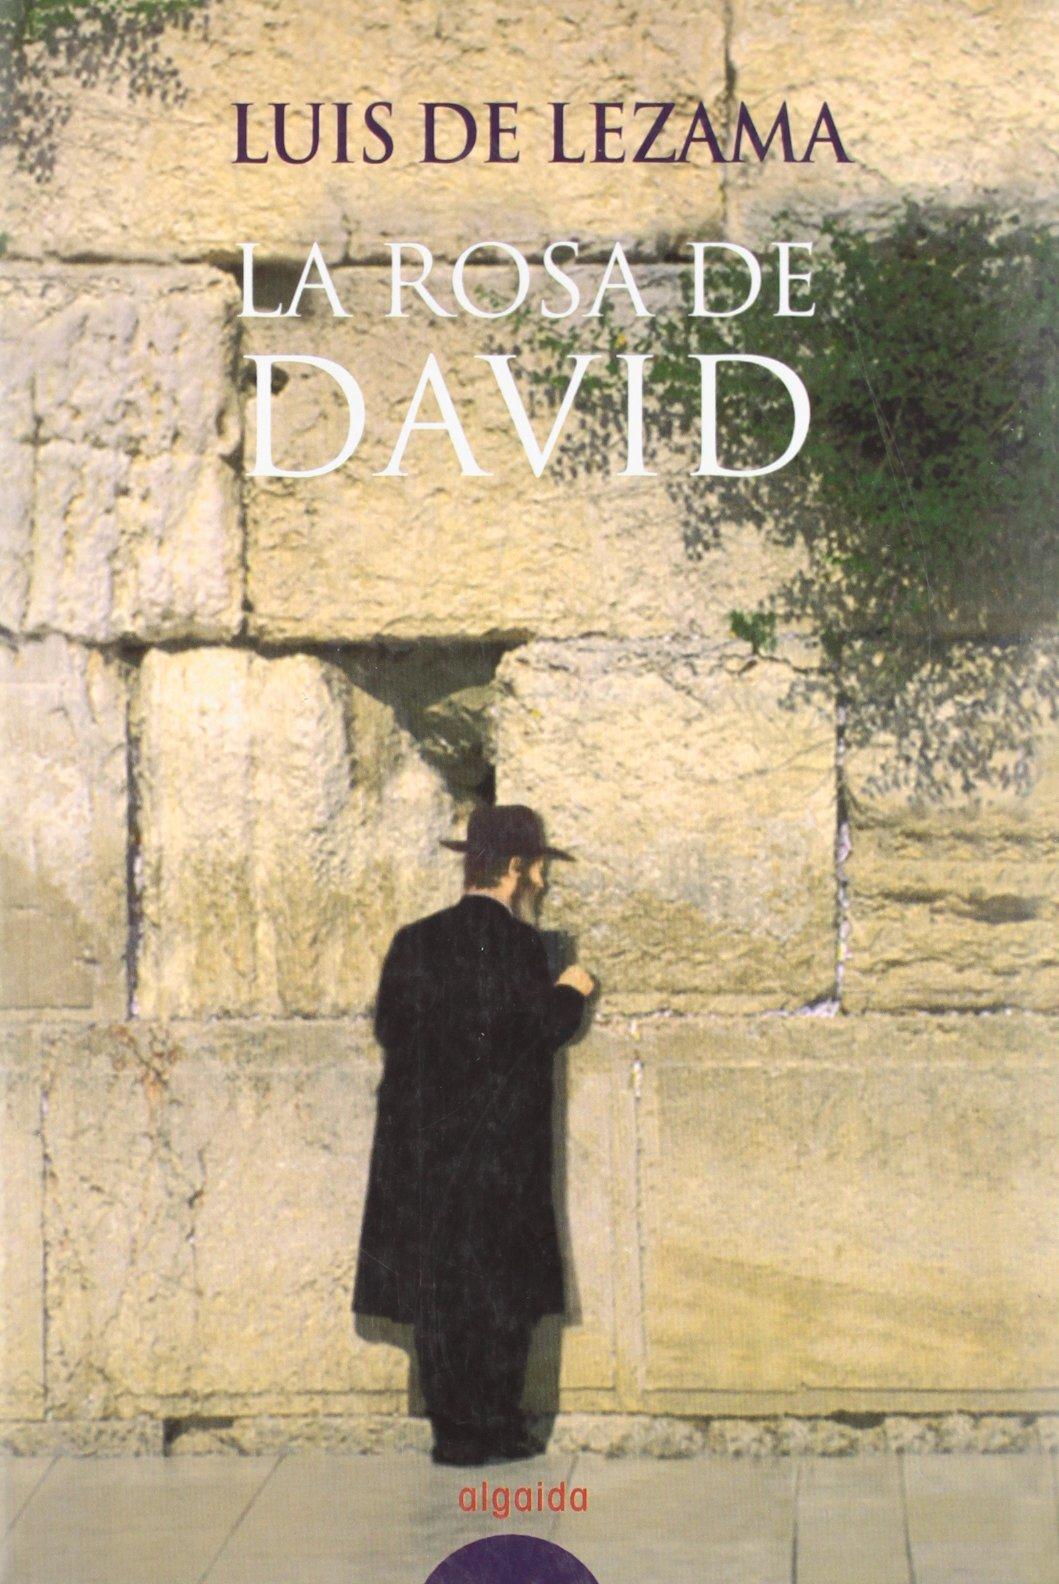 Download La rosa de David (COLECCION LITERARIA) (Spanish Edition) PDF